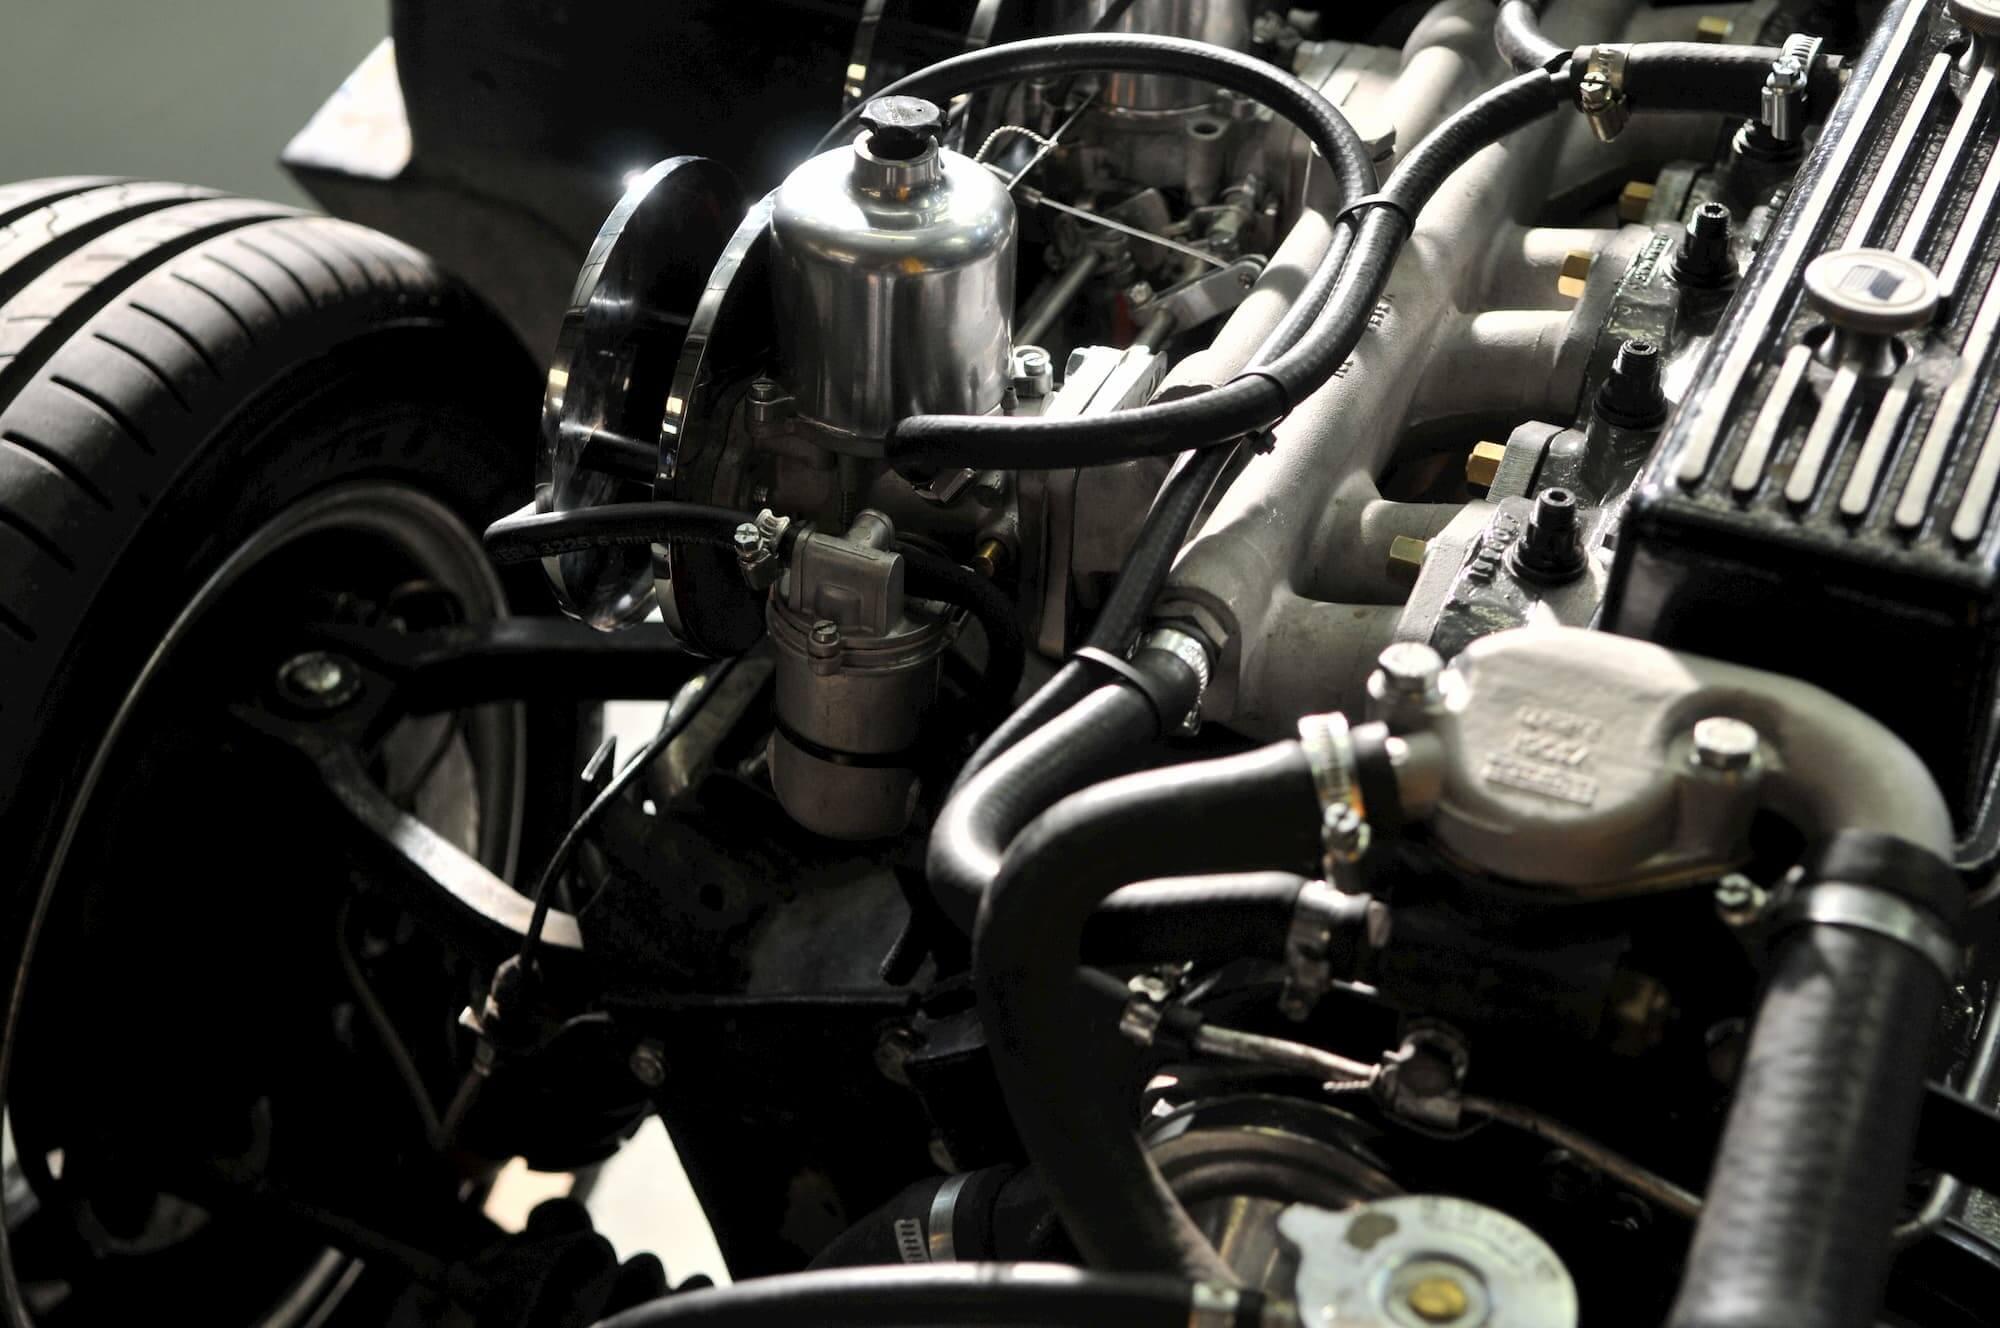 Triumph GT6 à l'atelier mécanique du Garage des Damiers - Old british cars